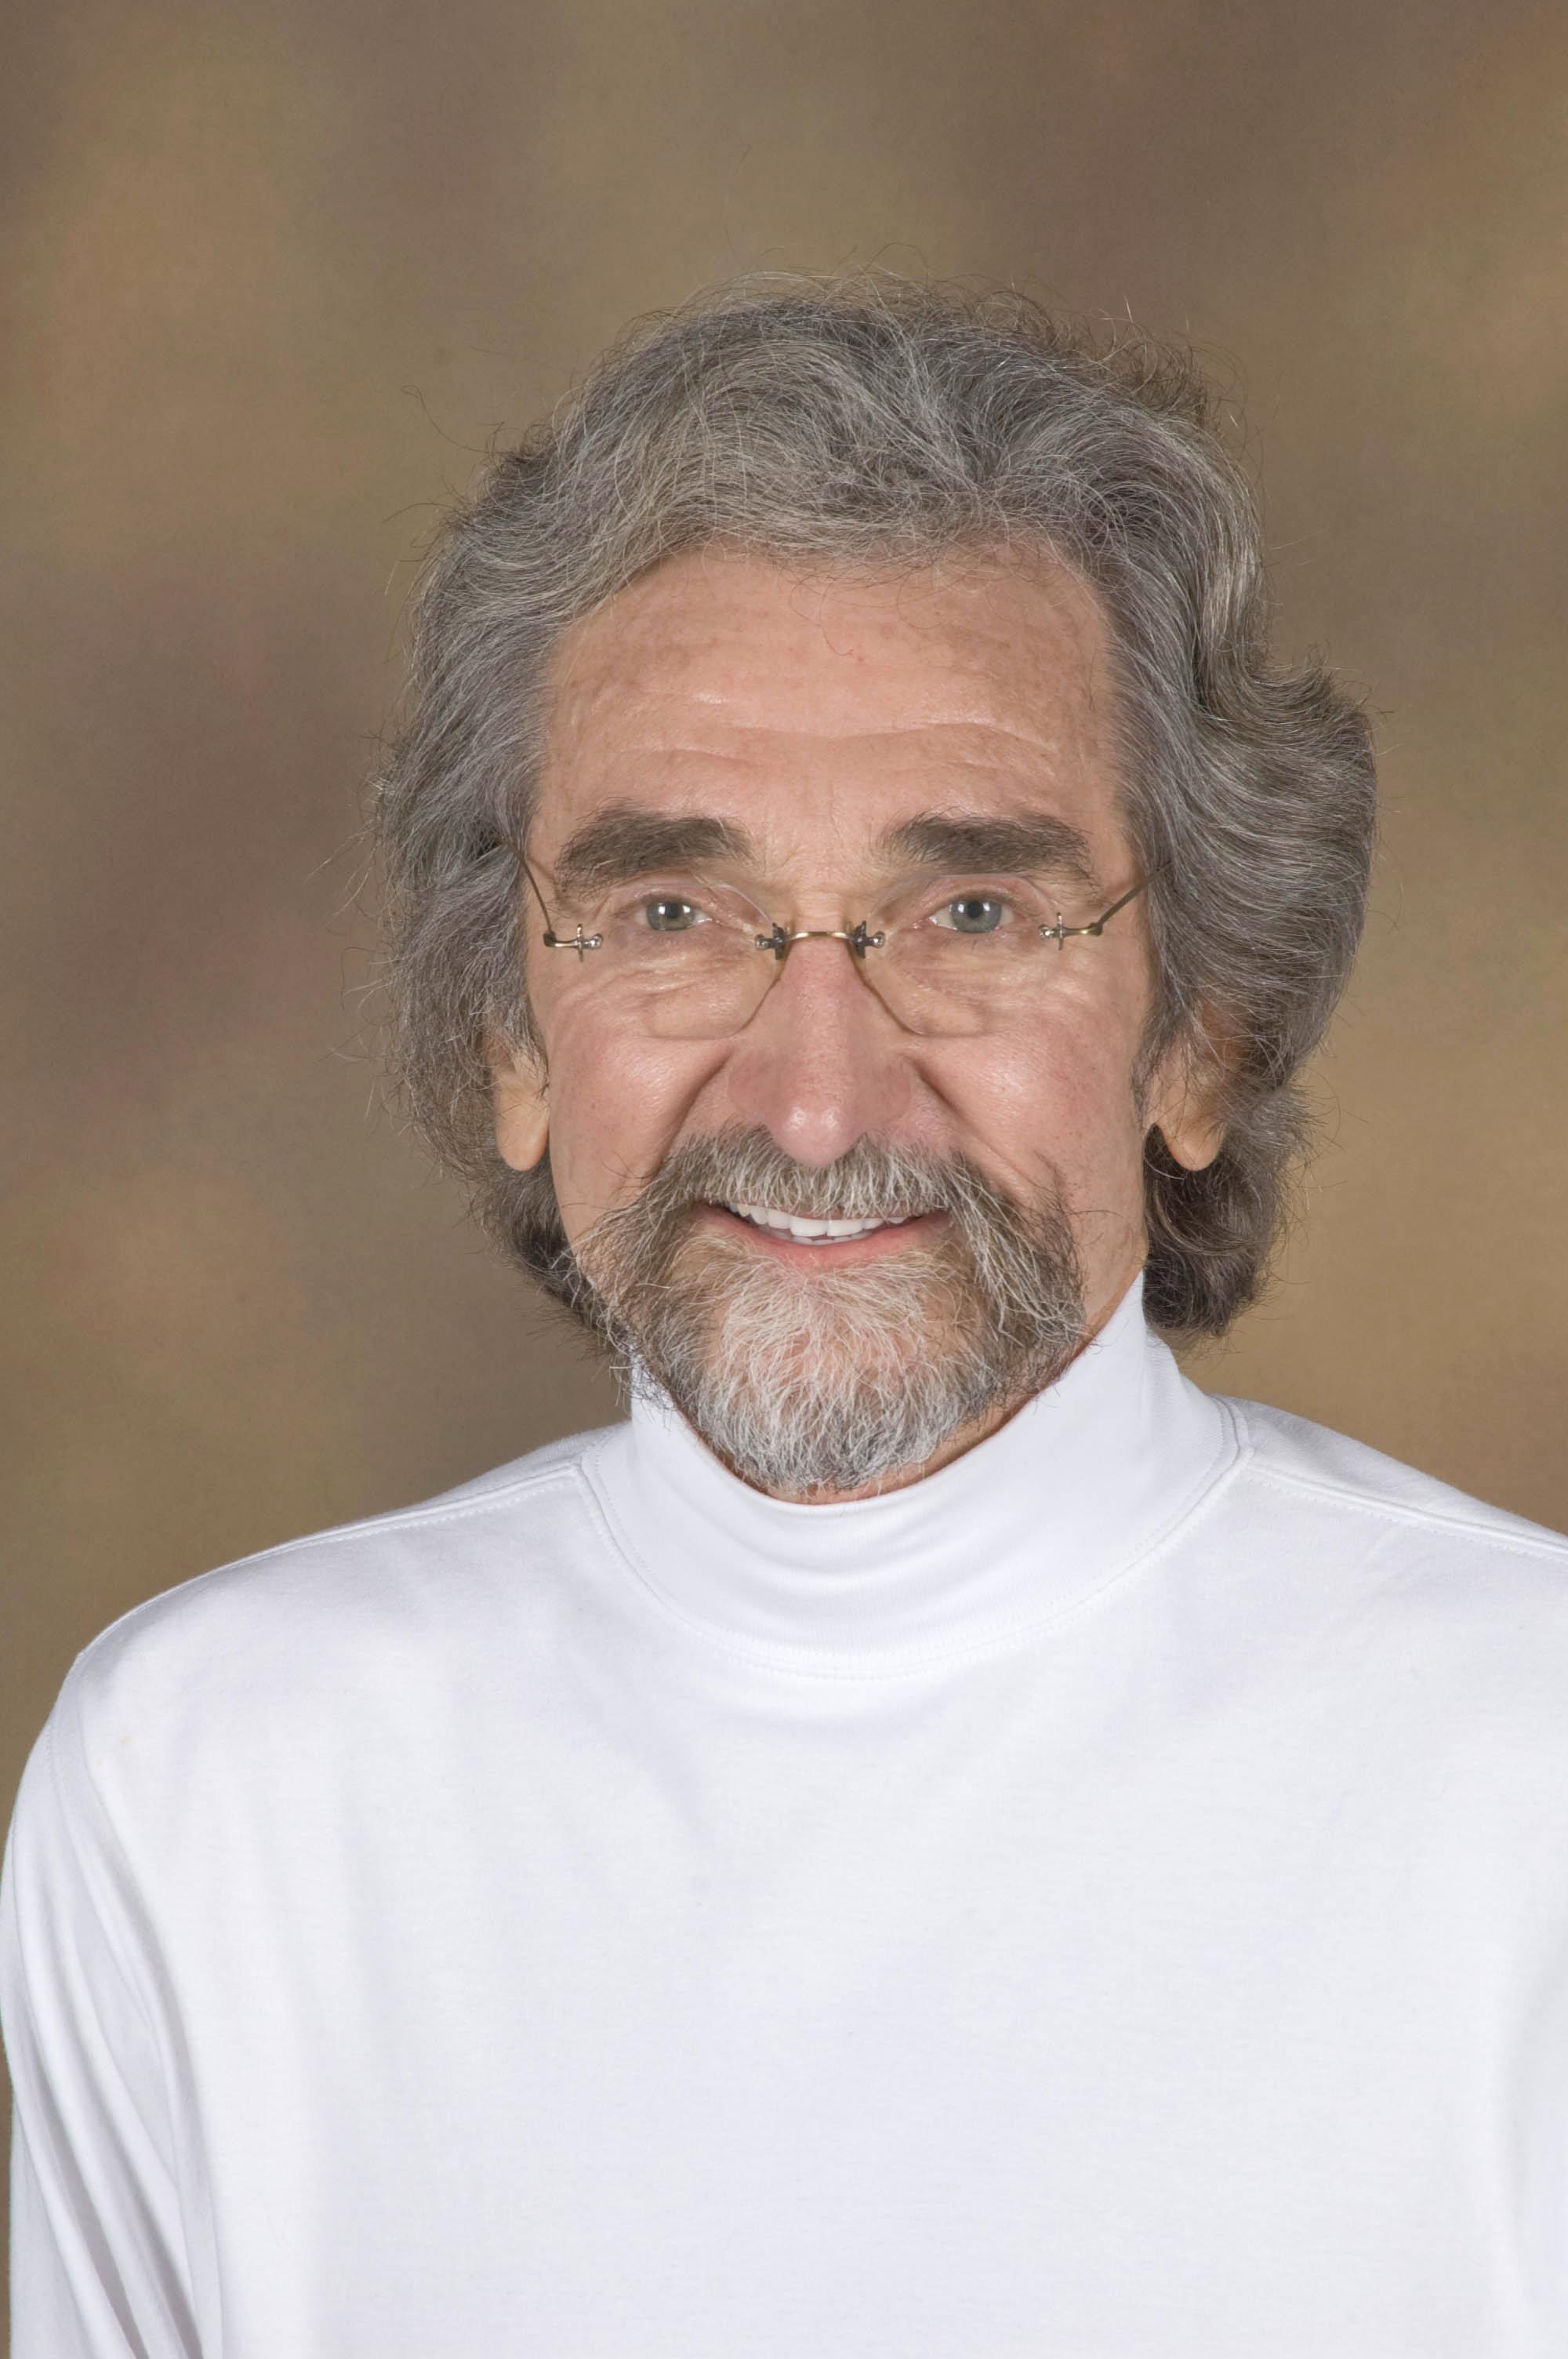 Charles Dziuban